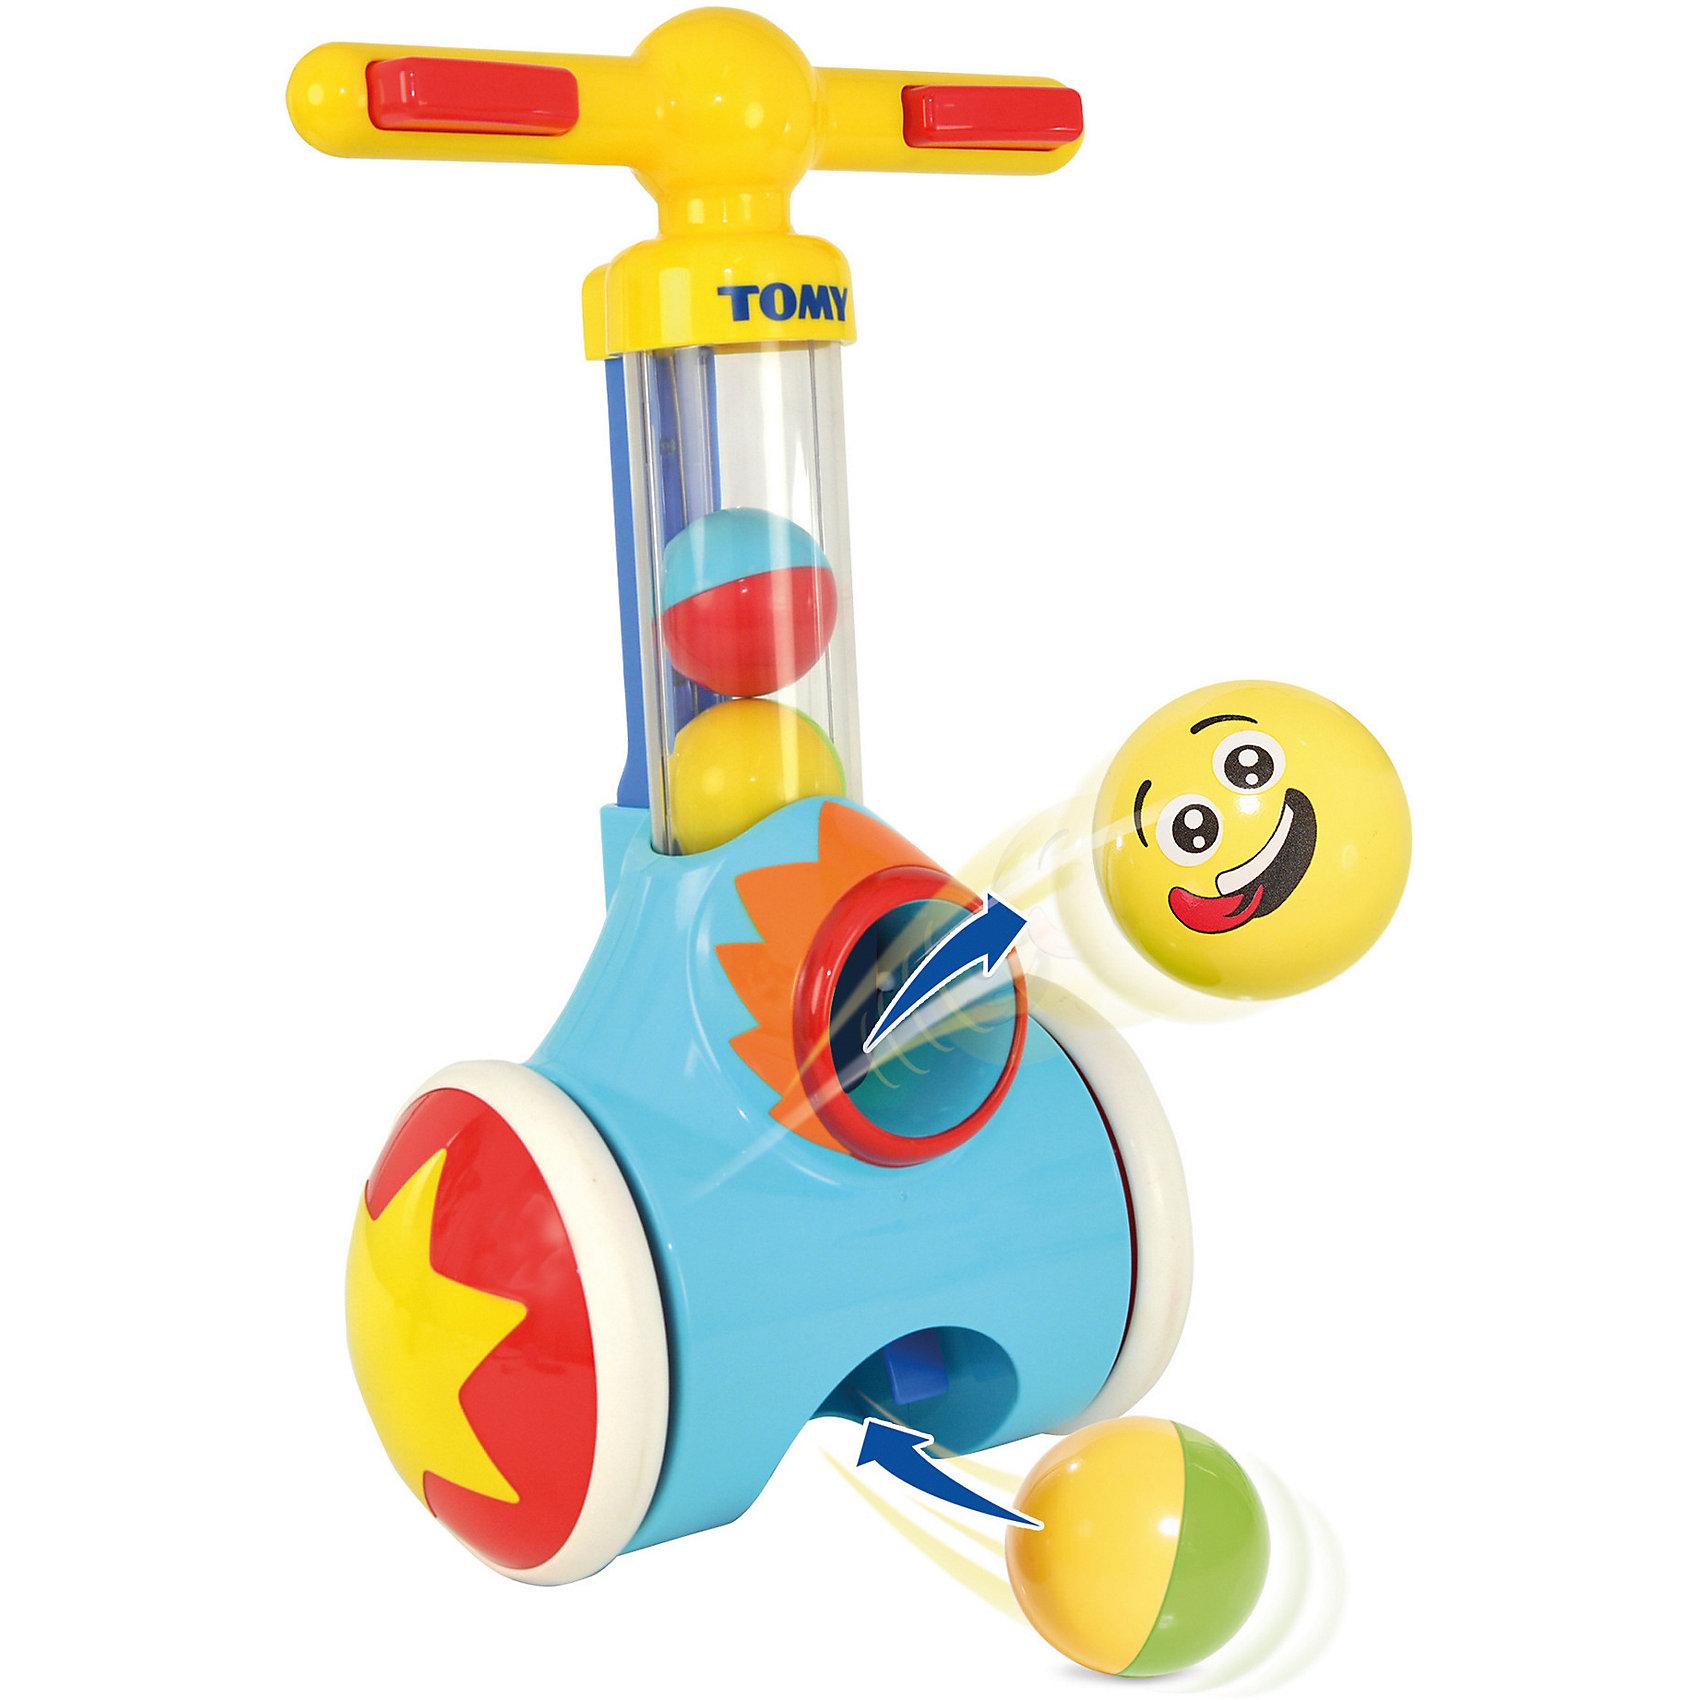 Игрушка Толкай-Запускай-Собирай, TOMYРазвивающие игрушки<br>Уникальная игрушка-катапульта с мячами и обучающим эффектом от TOMY (Томи) не даст скучать Вашему малышу и доставит ему необыкновенное удовольствие!<br><br>Данная игрушка оснащена специальным механизмом, который позволяет поднимать разноцветные забавные шарики по прозрачной трубке с пола. Шарики можно таже собирать самостоятельно через нижнее отверстие трубки. На рукоятке катапульты есть две зелёные кнопки. Нажав на них, красочные шарики стремительно выстрелят из игрушки. Игрушка подходит как для левшей, так и для правшей, она легка в управлении. <br><br>Забавные колёсики игрушки позволяют ей ездить. Во время езды катапульта будет весело потрескивать. Держась за ручки и бегая по комнате, собирая шарики, малыш будет иметь опору, что не даст ему упасть.<br><br>Веселая катапульта не только будет доставлять Вашему малышу море радости, но и будет стимулировать его активность и координацию, что очень важно на ранних стадиях развития малыша. Удивите своего ребёнка!<br><br>Отличная игрушка для игры как дома, так и на улице.<br><br>В комплекте:<br>- каталка-катапульта с колёсиками<br>- двухцветные шарики (4 шт.)<br><br>Дополнительная информация:<br>Материал - пластик<br>Размер игрушки - 25х14х40,5 см<br>Размер упаковки 26x42,5x15 см<br>Диаметр шарика - 5 см<br>Вес – 1,5 кг<br>Работает без батареек<br><br>Игрушку Толкай-Запускай-Собирай, TOMY можно купить в нашем магазине.<br><br>Ширина мм: 424<br>Глубина мм: 264<br>Высота мм: 159<br>Вес г: 1438<br>Возраст от месяцев: 18<br>Возраст до месяцев: 36<br>Пол: Унисекс<br>Возраст: Детский<br>SKU: 1946334